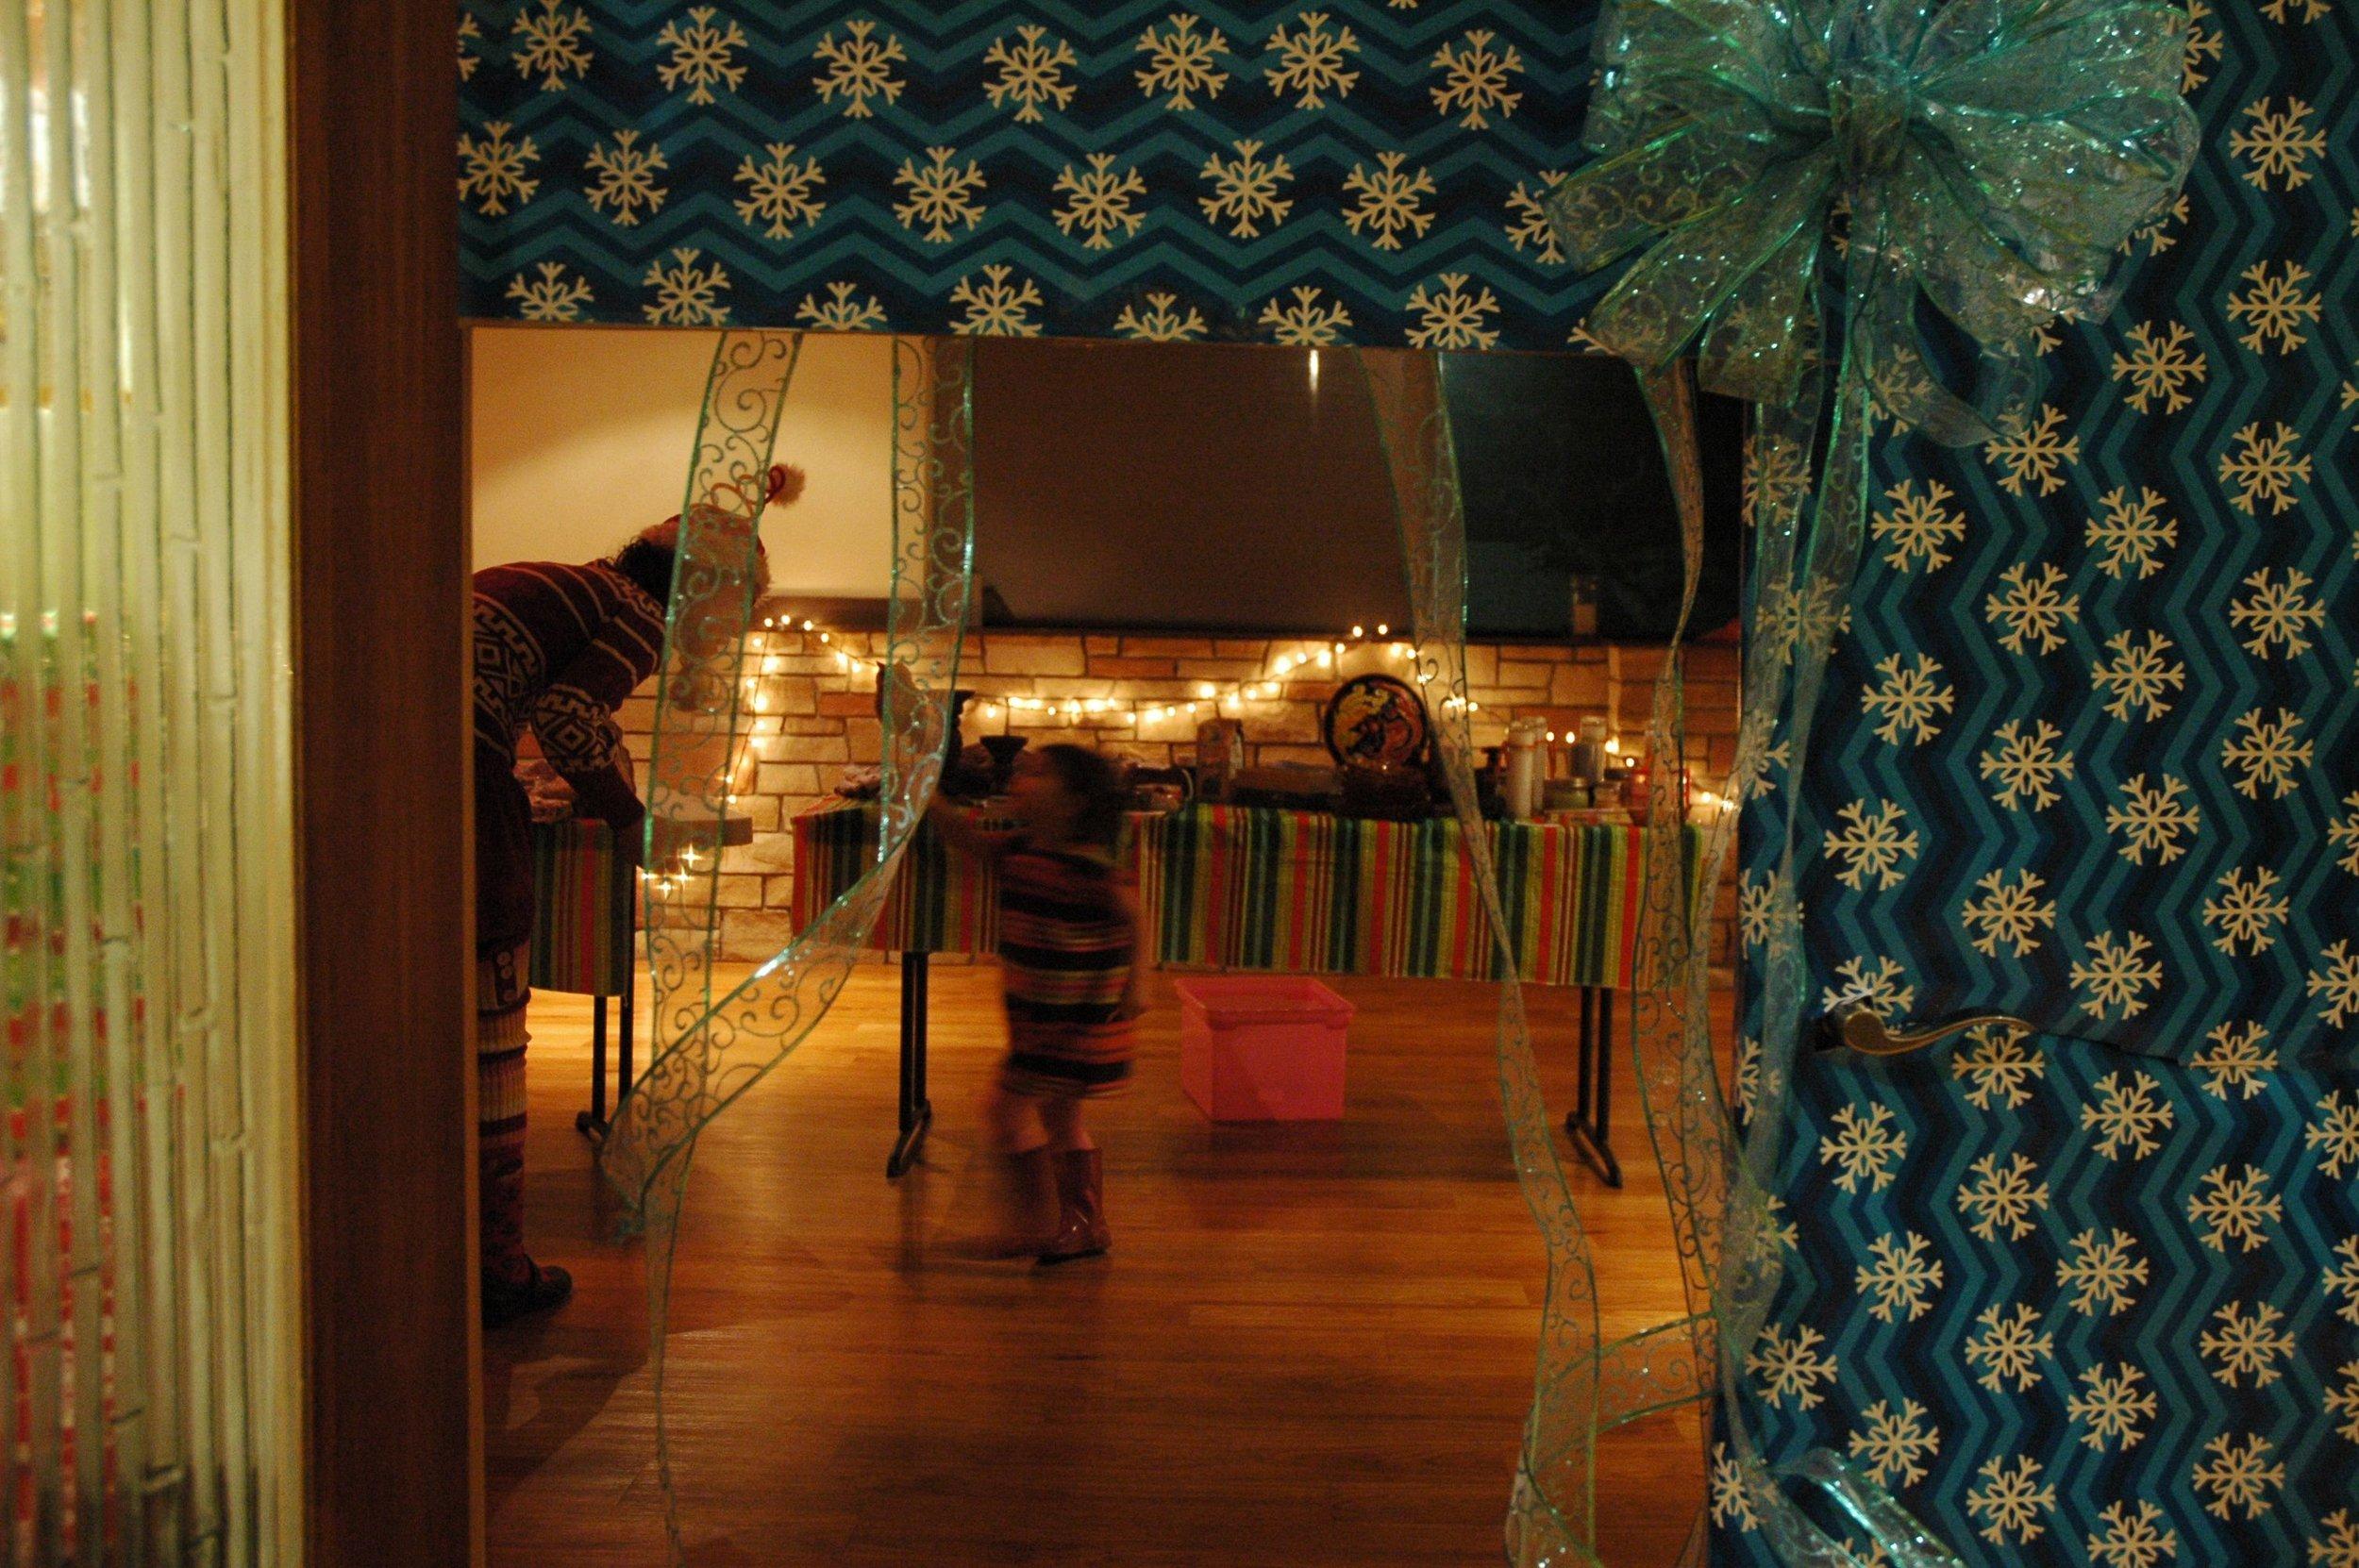 secret-santa-shopping-2.jpg